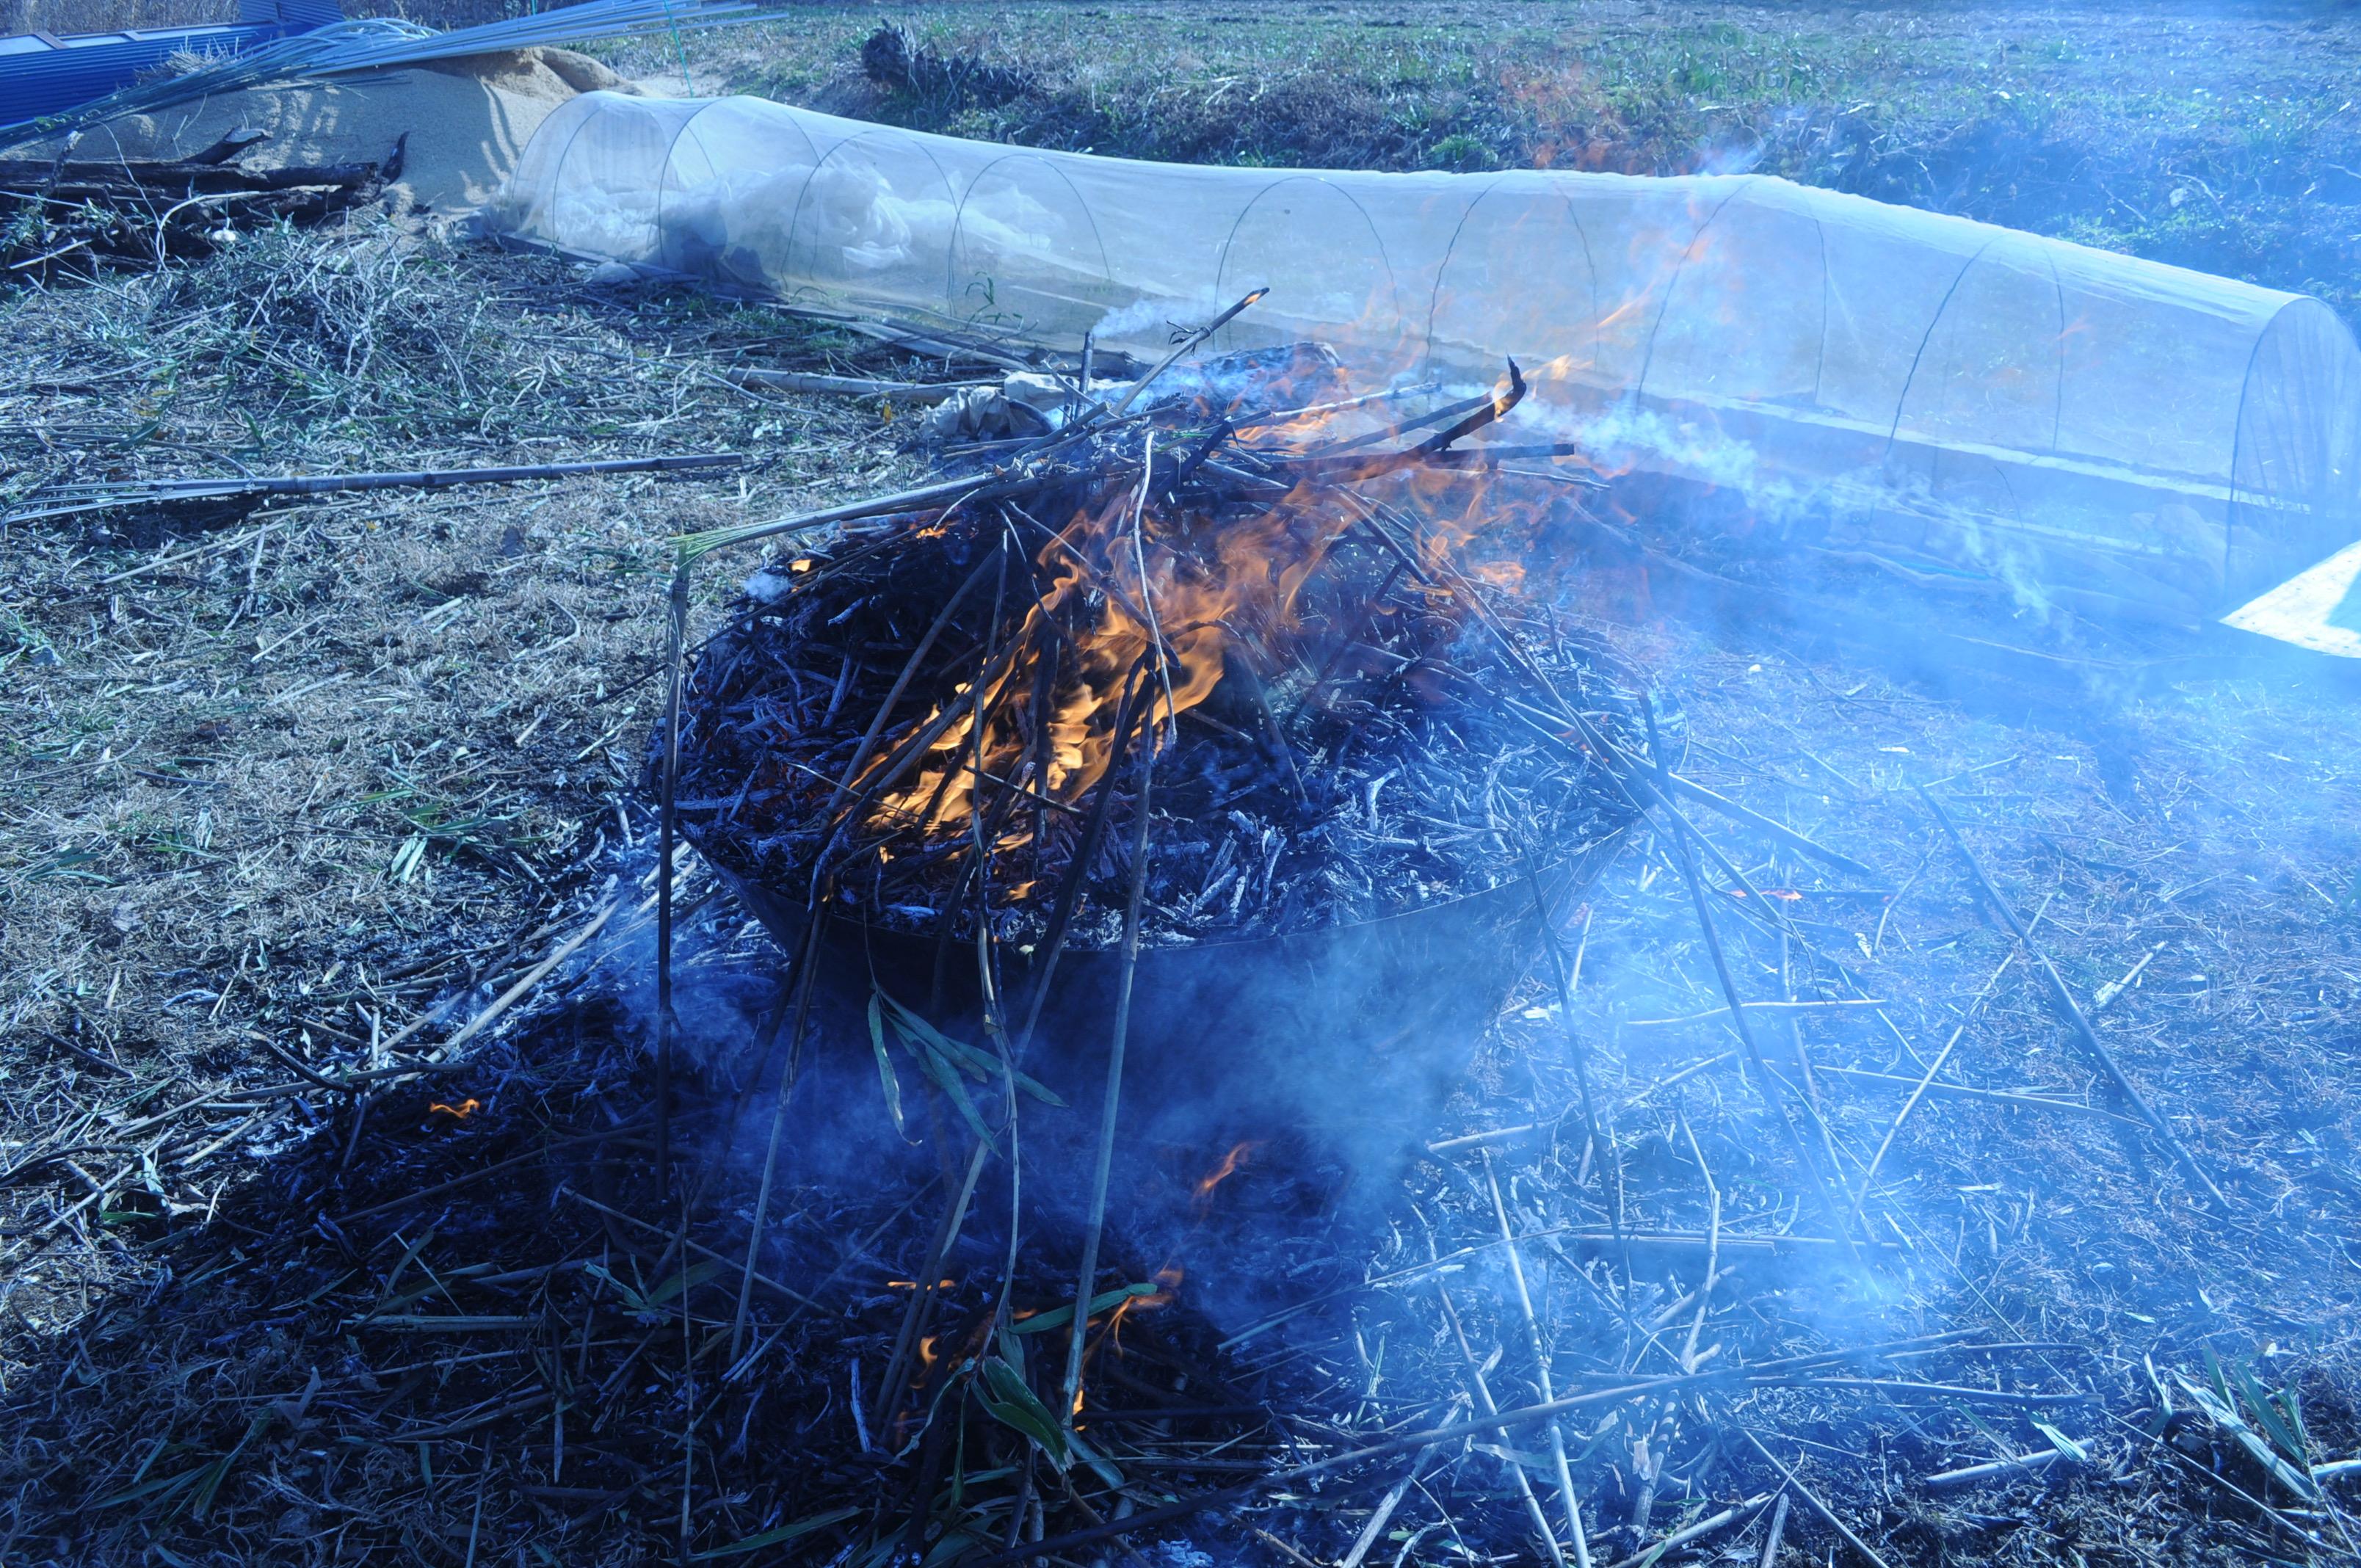 無煙炭化器の炭焼き試験開始!